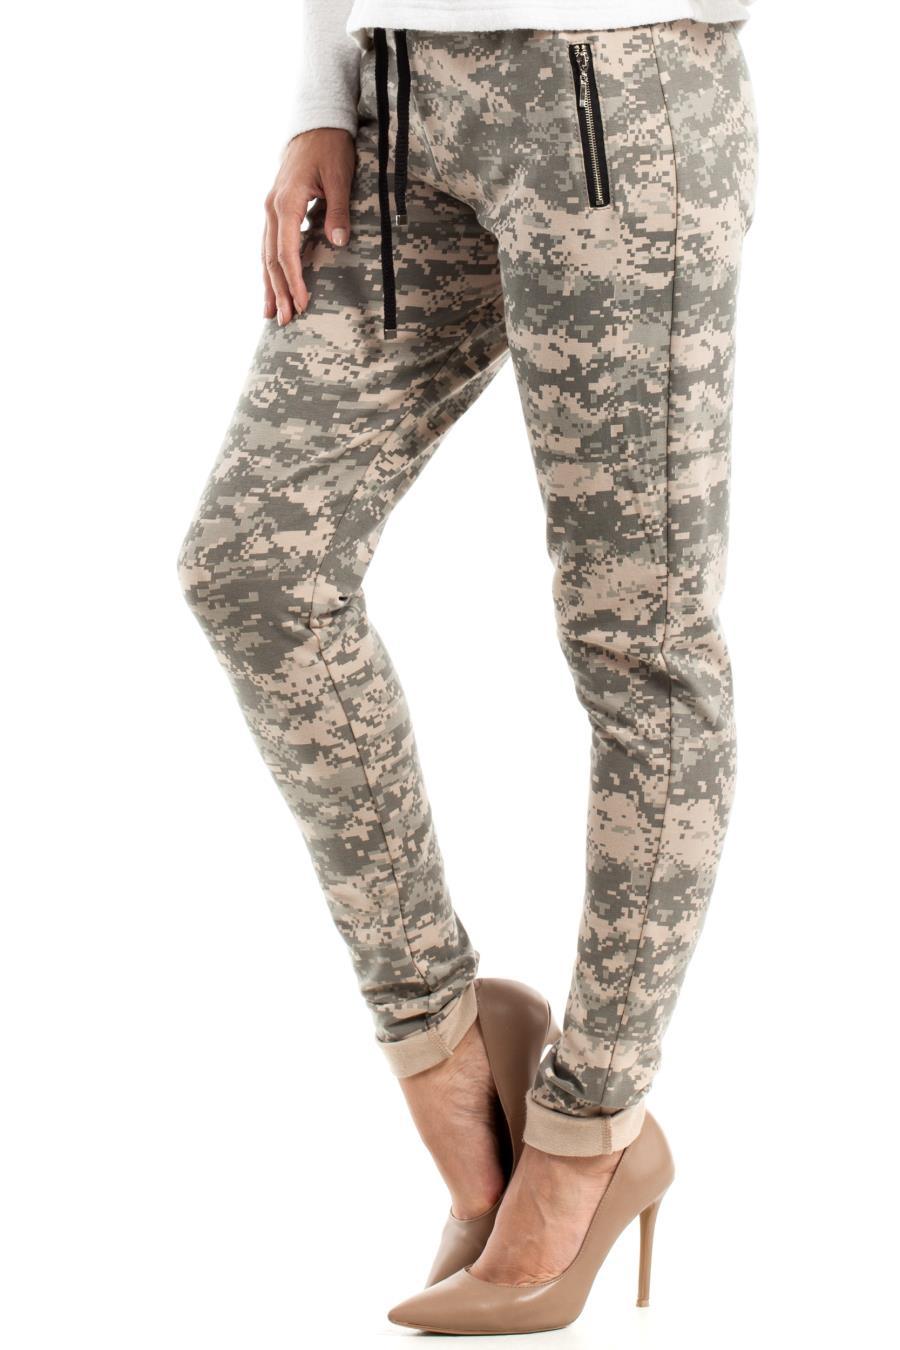 Spodnie damskie powinny być dopasowane do pory roku, okazji i przede wszystkim do sylwetki. Najpopularniejsze są oczywiście jeansy, które od ponad stu lat rządzą w damskich i męskich szafach. Najpopularniejsze są oczywiście jeansy, które od ponad stu lat rządzą w damskich i męskich szafach.